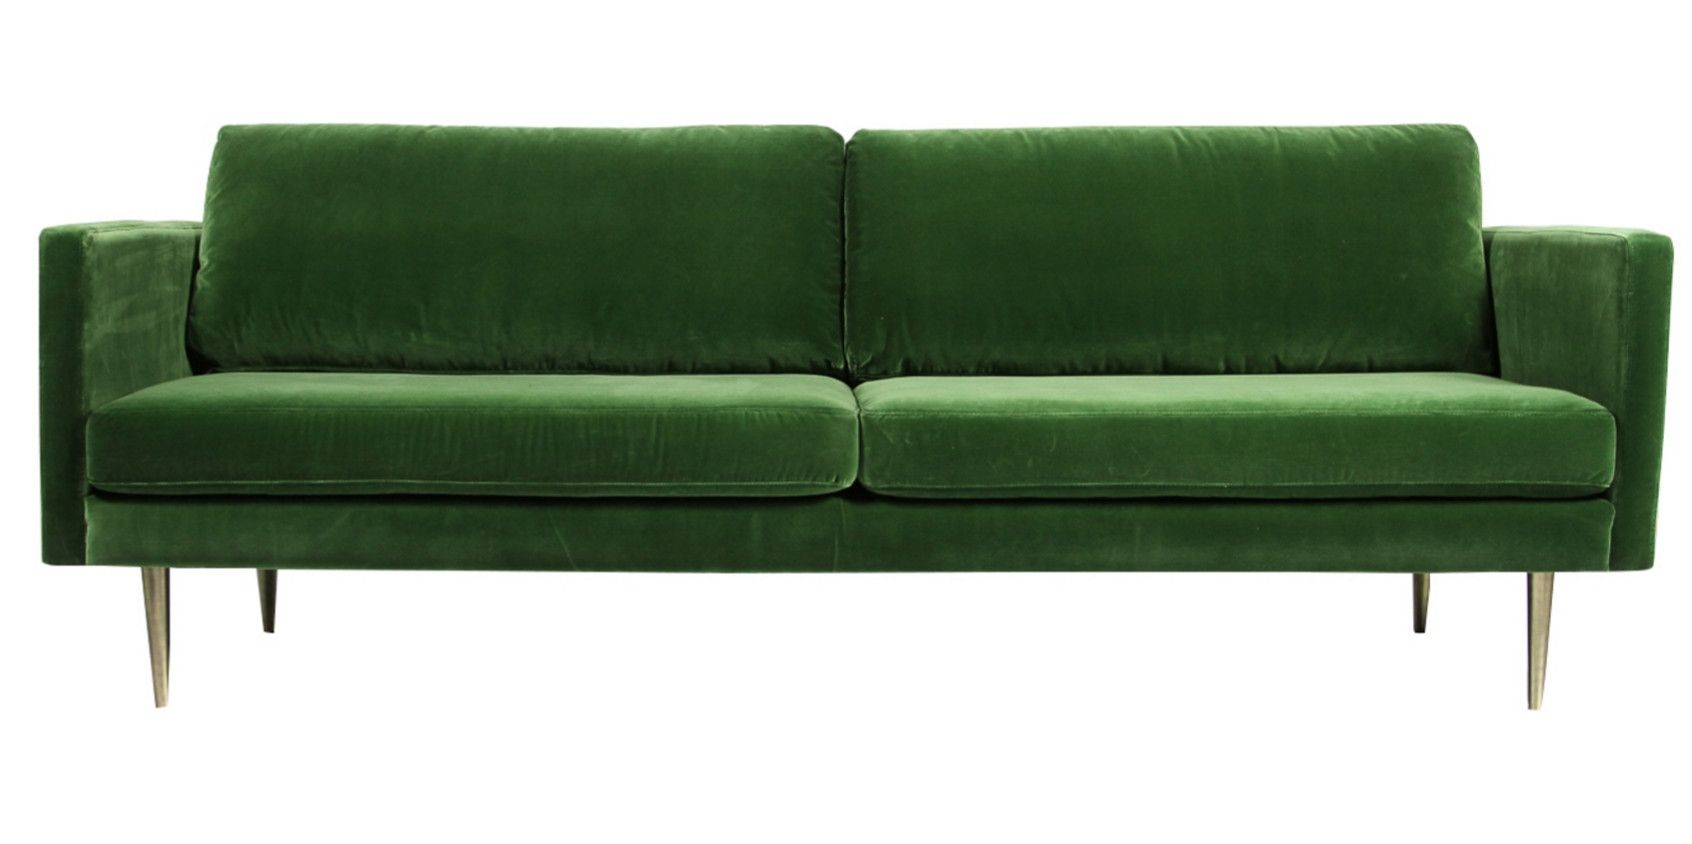 Matt Blatt Green Velvet Sofa Sartorial Interiors 3 Seater Sofa